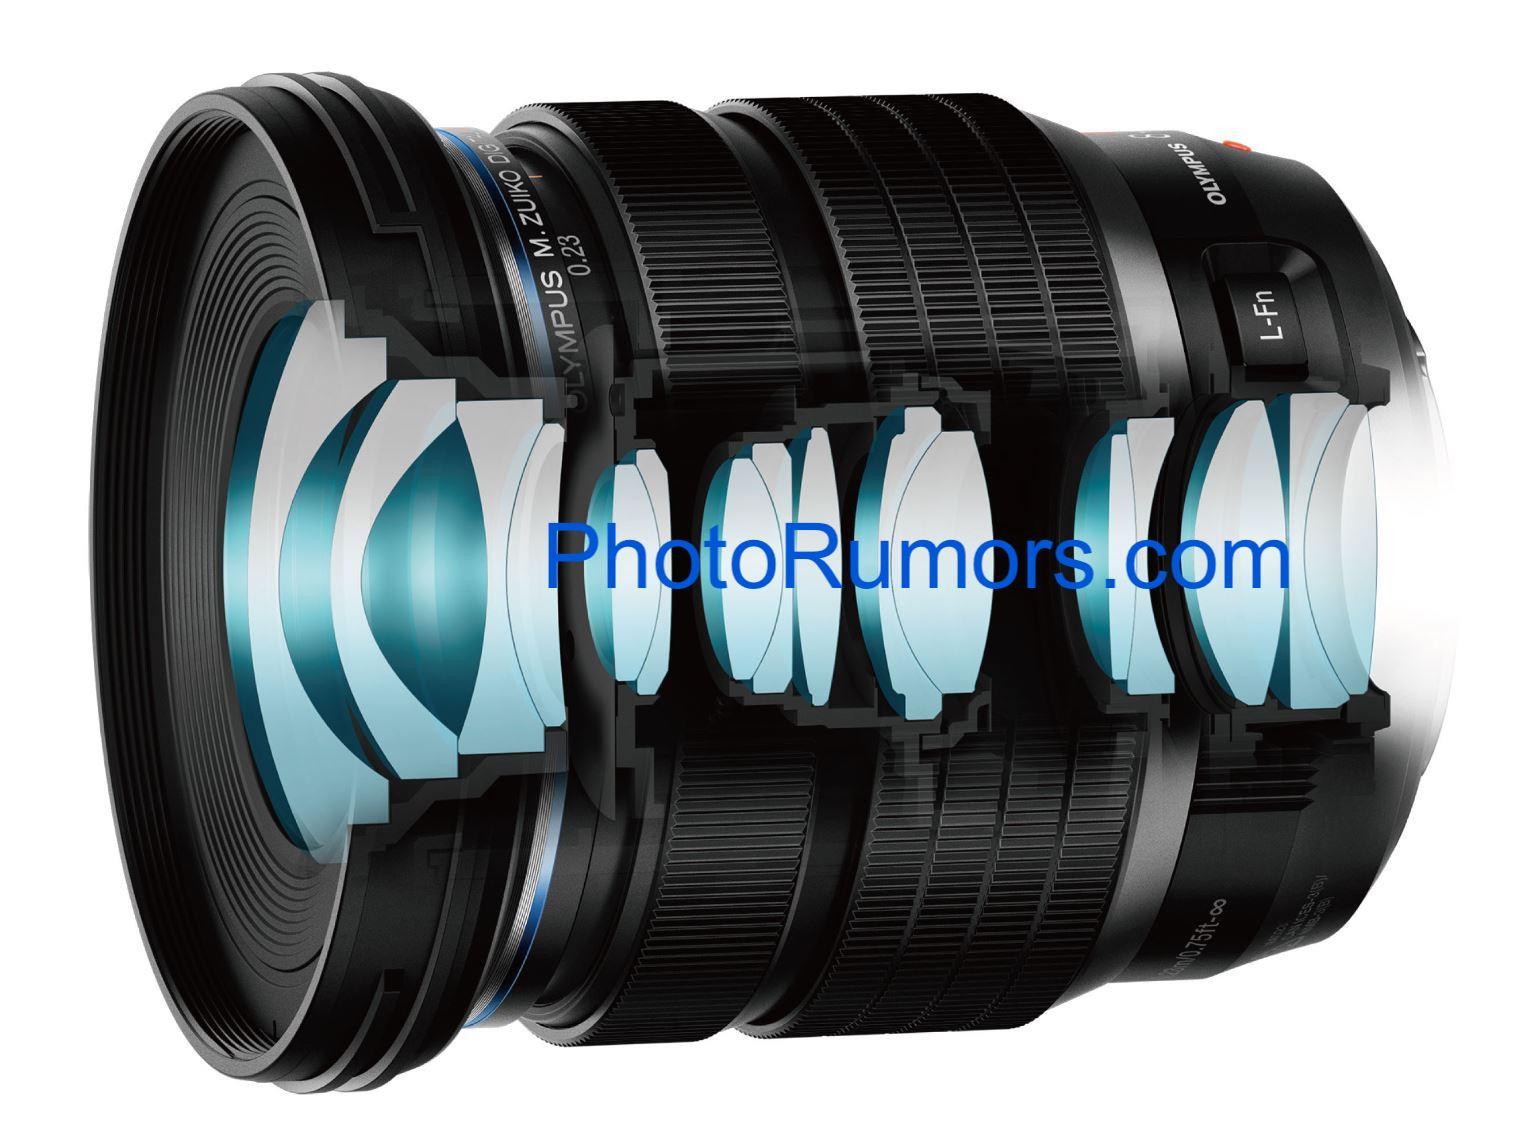 Объектив Olympus M.Zuiko Digital 8-25mm f/4 Pro в разрезе